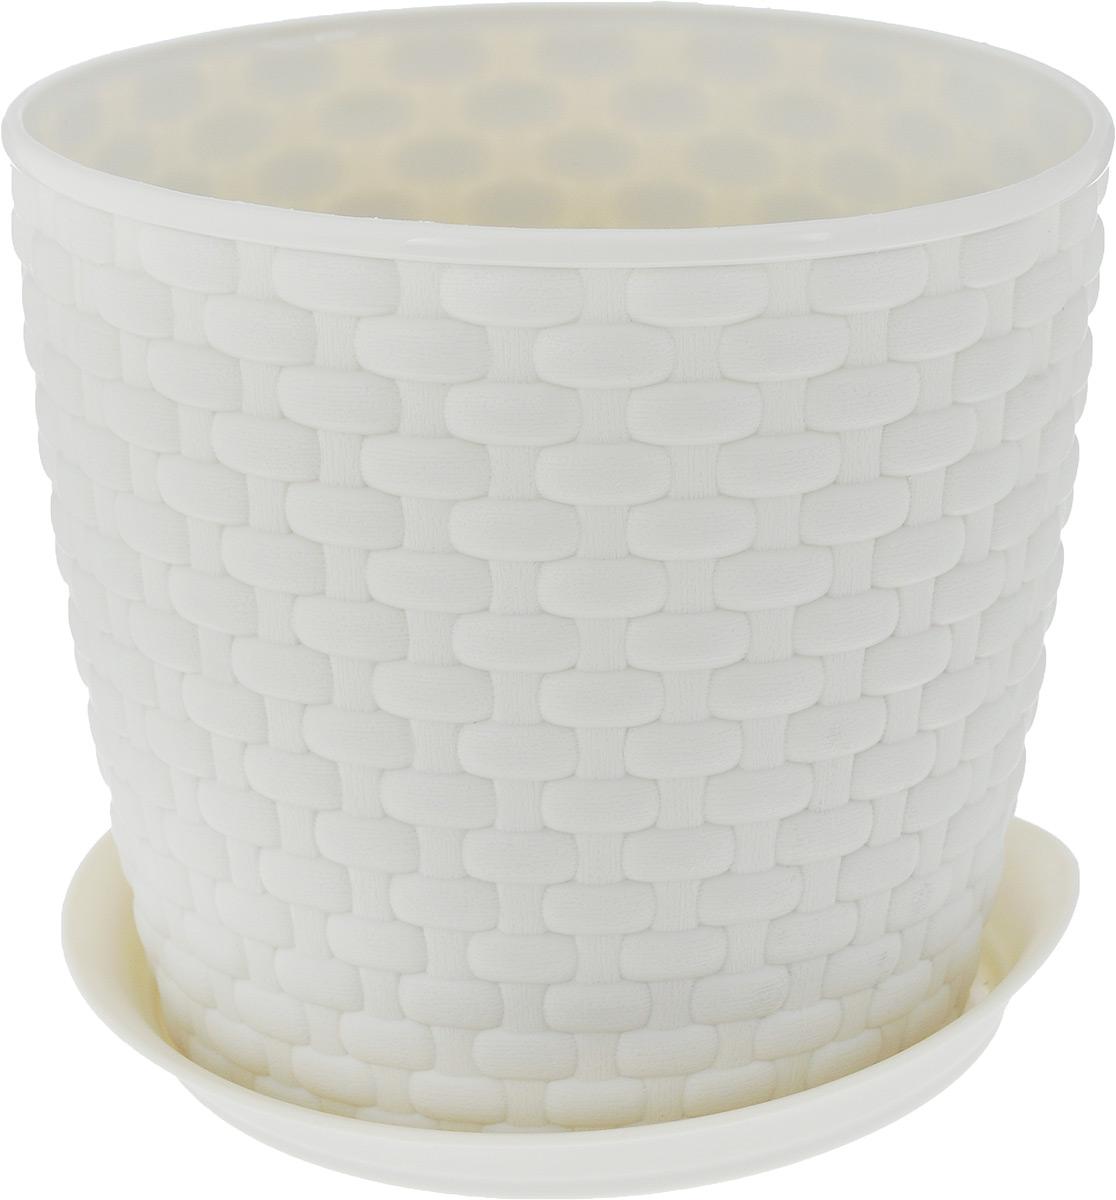 Кашпо Idea Ротанг, с поддоном, цвет: экрю, 2 лМ 3081Кашпо Idea Ротанг изготовлено из высококачественного пластика. Специальный поддон предназначен для стока воды. Изделие прекрасно подходит для выращивания растений и цветов в домашних условиях. Лаконичный дизайн впишется в интерьер любого помещения. Диаметр поддона: 15,5 см. Объем кашпо: 2 л.Диаметр кашпо по верхнему краю: 15,5 см.Высота кашпо: 13,5 см.